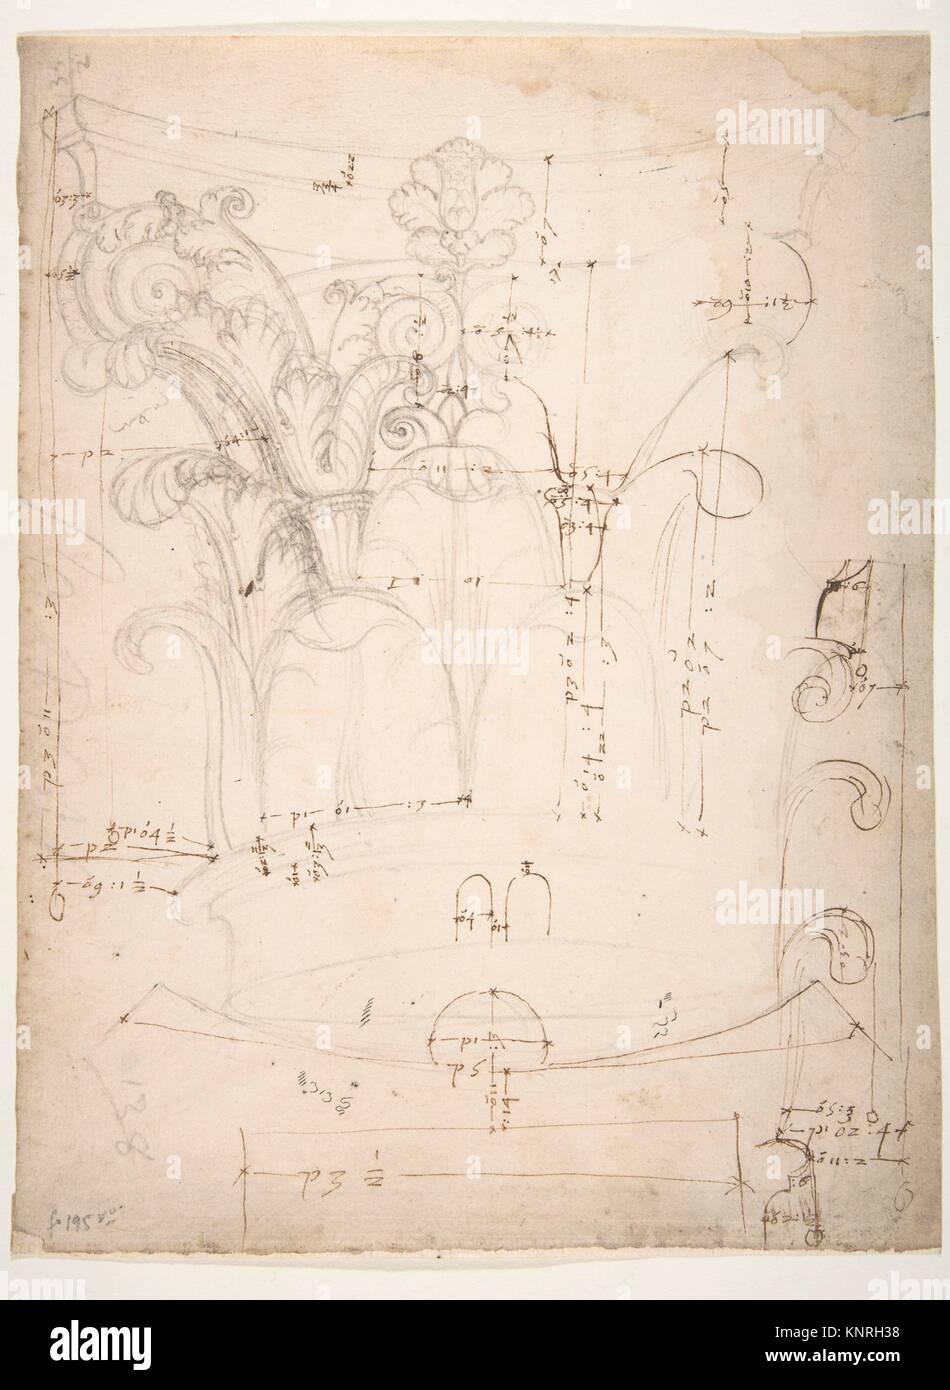 Chapiteau corinthien non identifiés, l'altitude, l'article et plan du plafond (recto) (verso vierge). Photo Stock